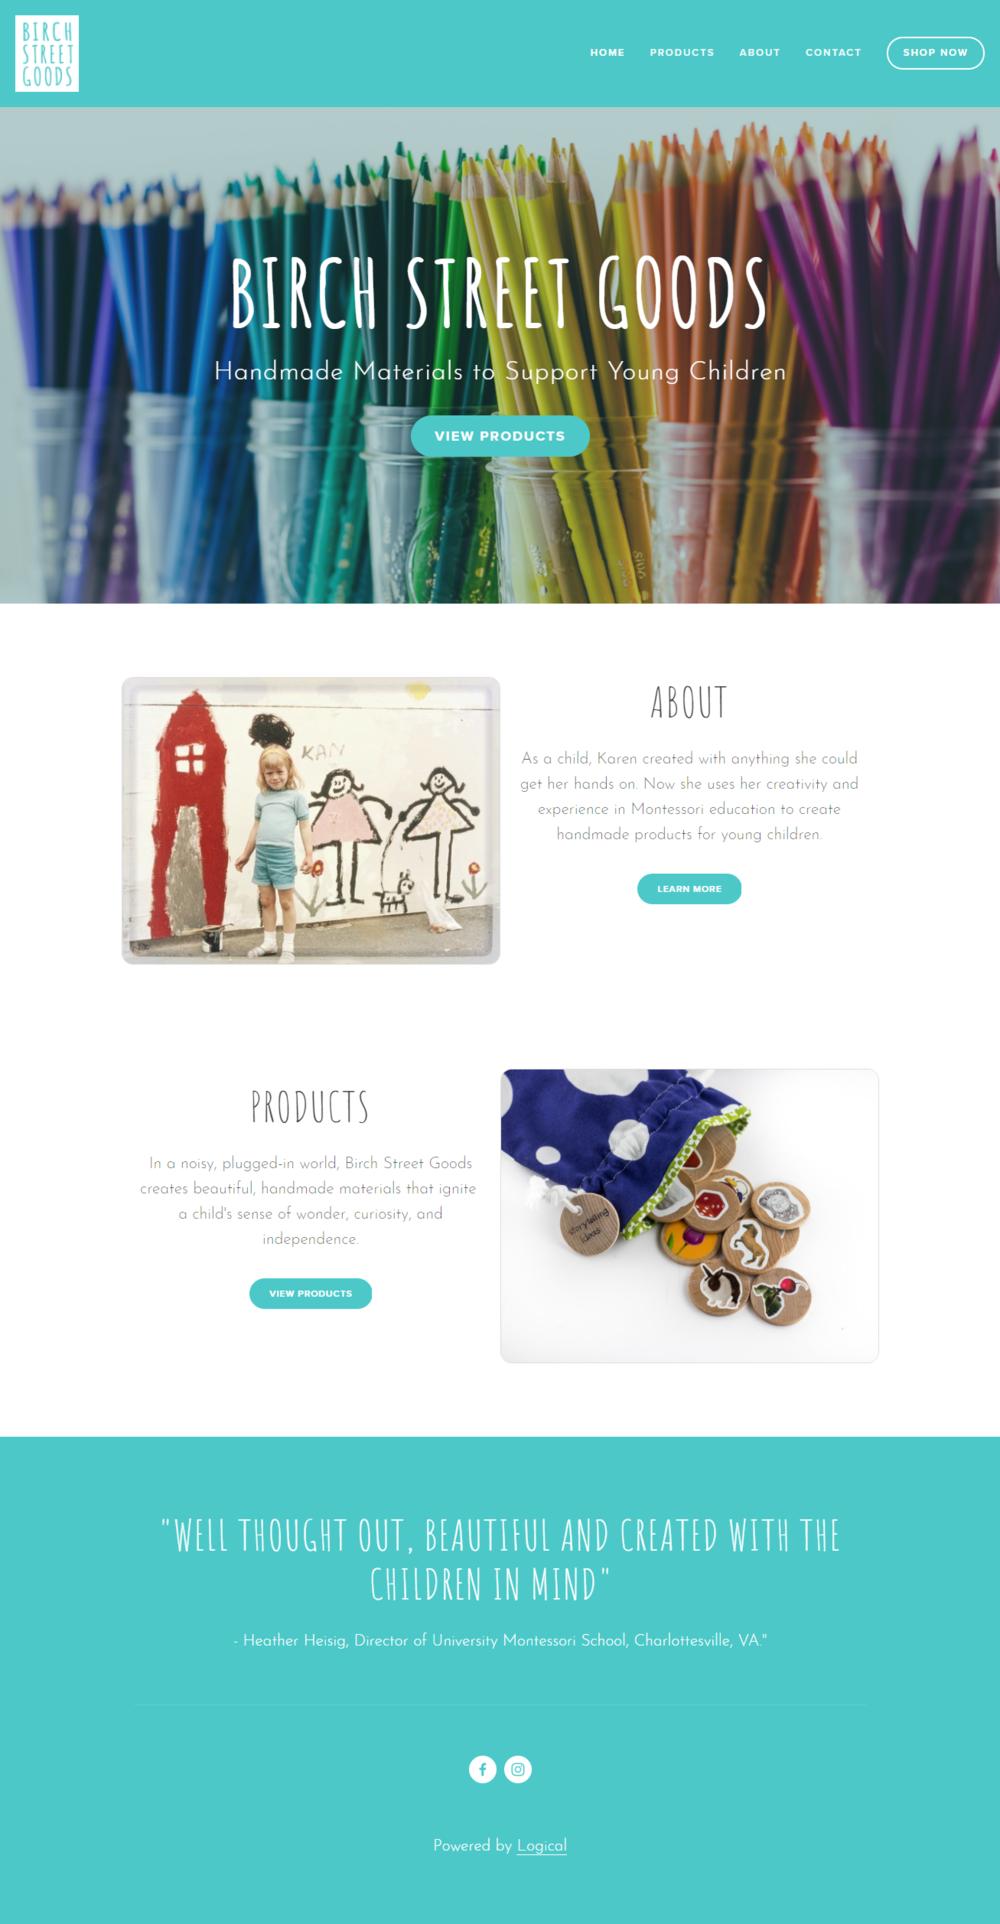 Birch Street Goods - handmade materials for young children